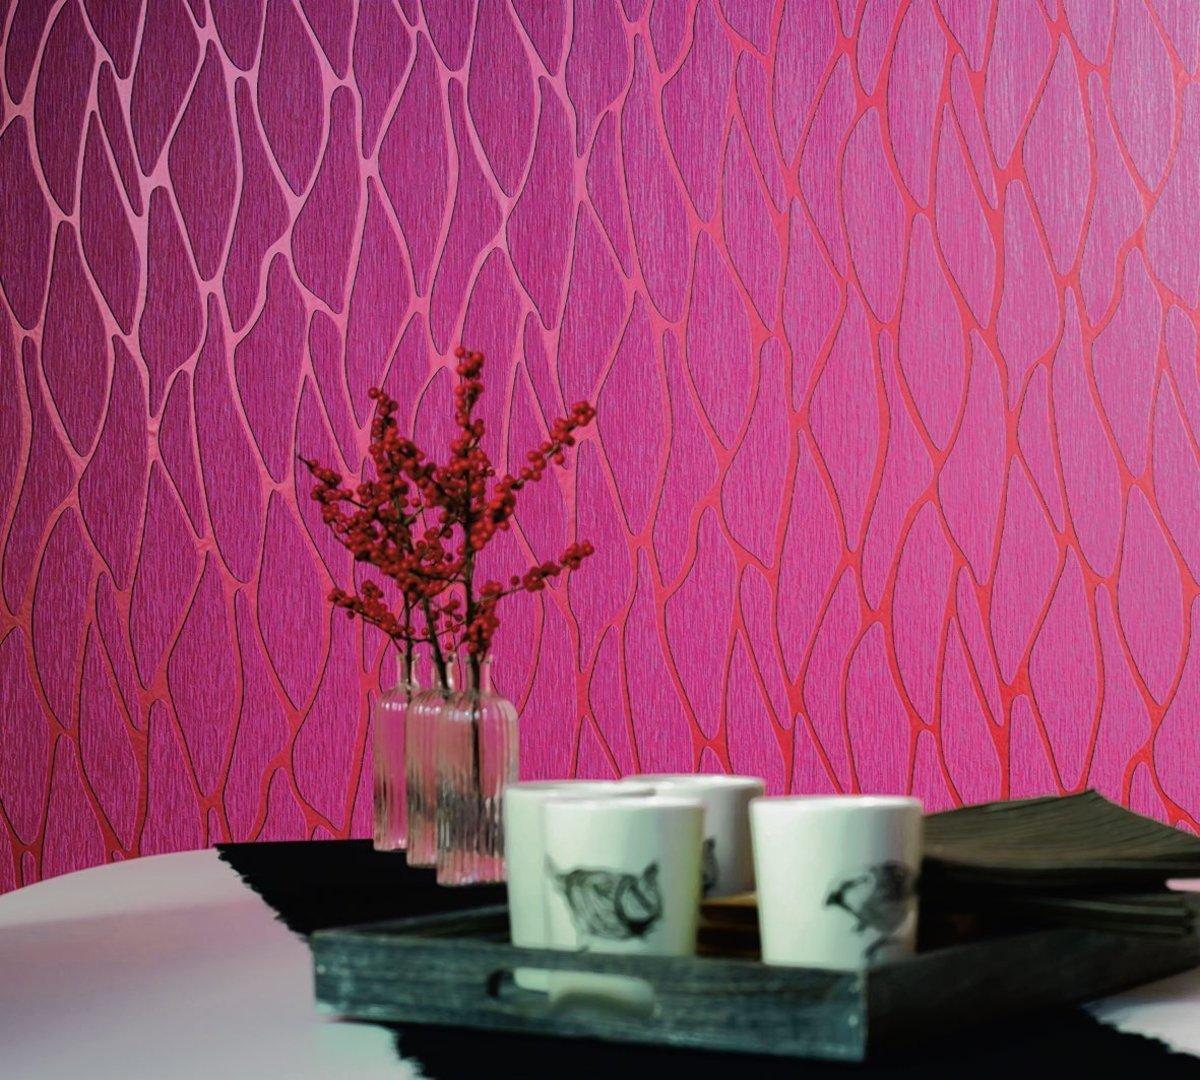 Ist Eine Wand Im Raum So Auffällig Tapeziert Zu Sehen, Wird Der Wandschmuck  Zum Hingucker